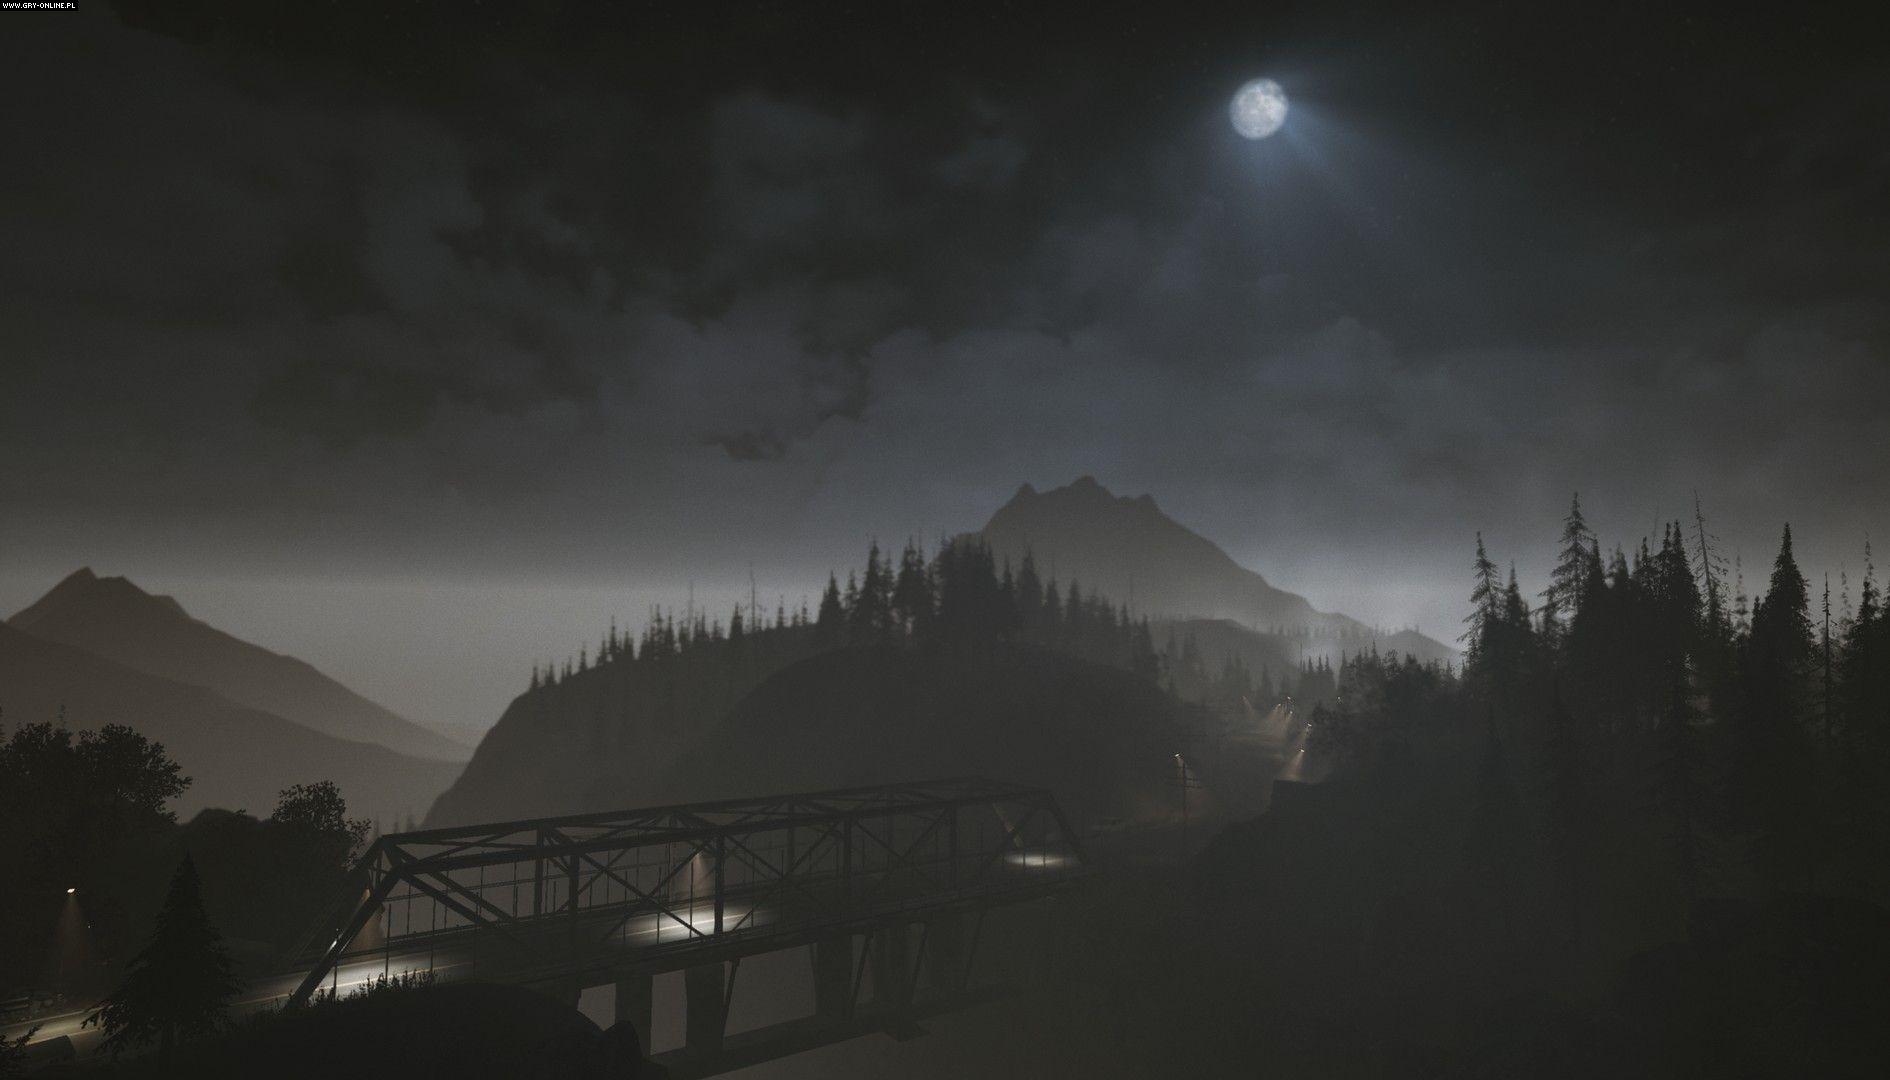 Podróż tym mostem to ciekawe doznanie